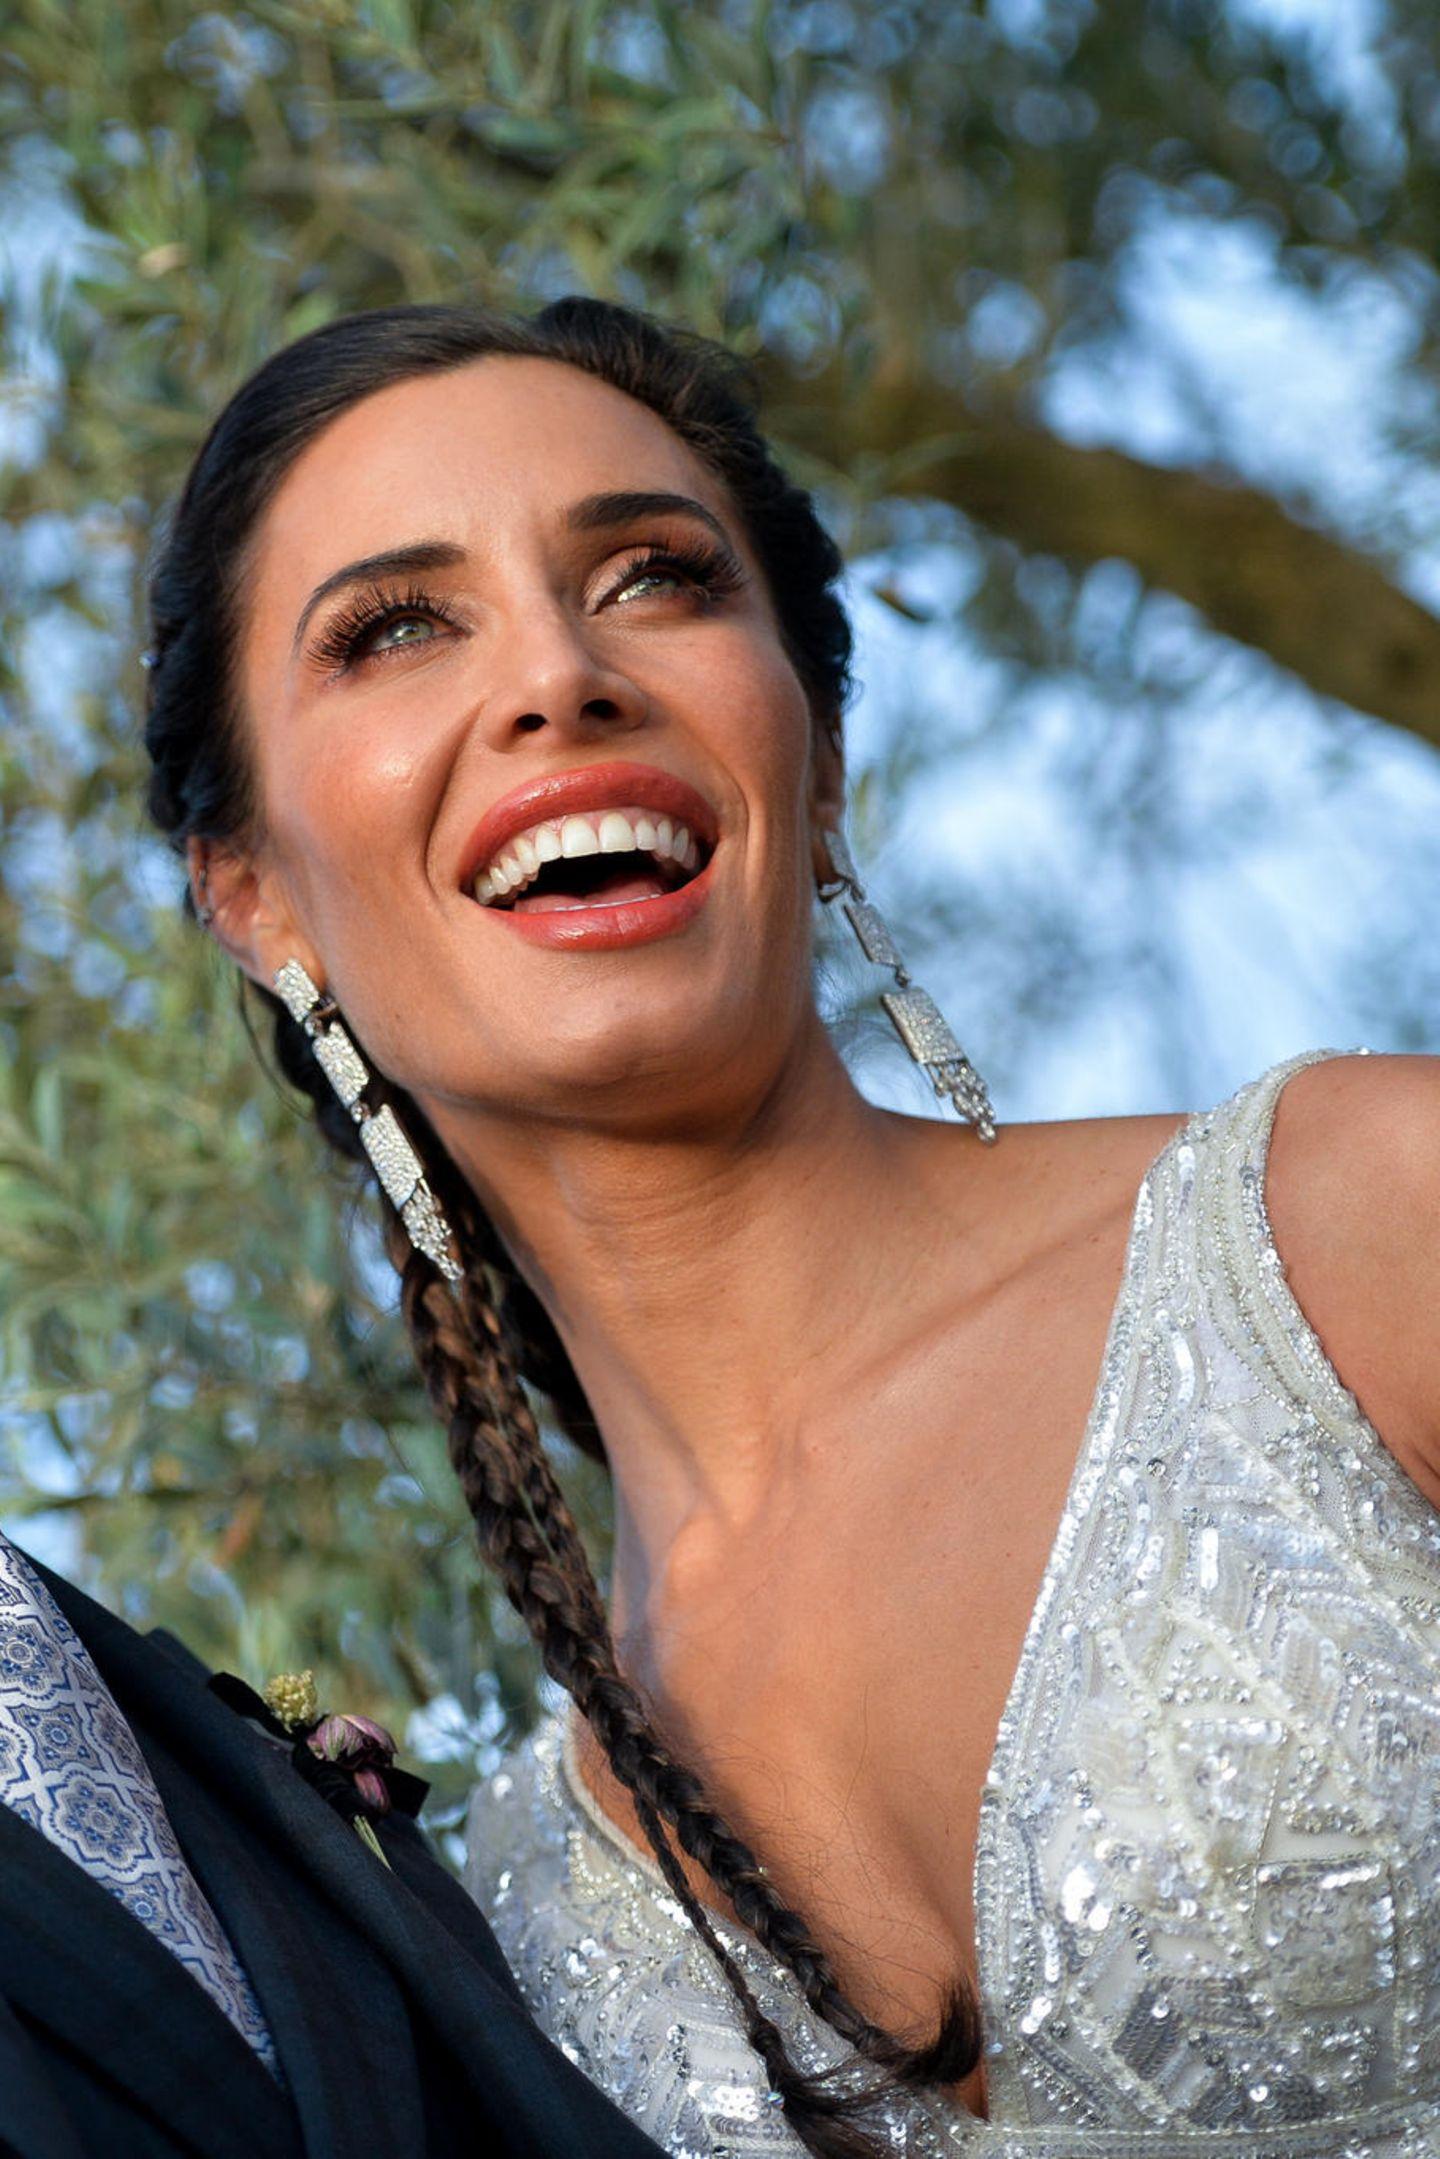 Bei ihrer Hochzeit mit FußballerSergio Ramos wählt die spanische Journalistin Pilar Rubio einen frischen Look in Pfirsichtönen. Rouge und Lippenstift in einem eher kräftigen Peachton harmonieren wunderbar mit den Schimmertönen in Creme-, Braun- und Orangetönen. Ihre geflochtenen Zöpfe sind definitiv mal etwas anderes als die klassischen Brautfrisuren.